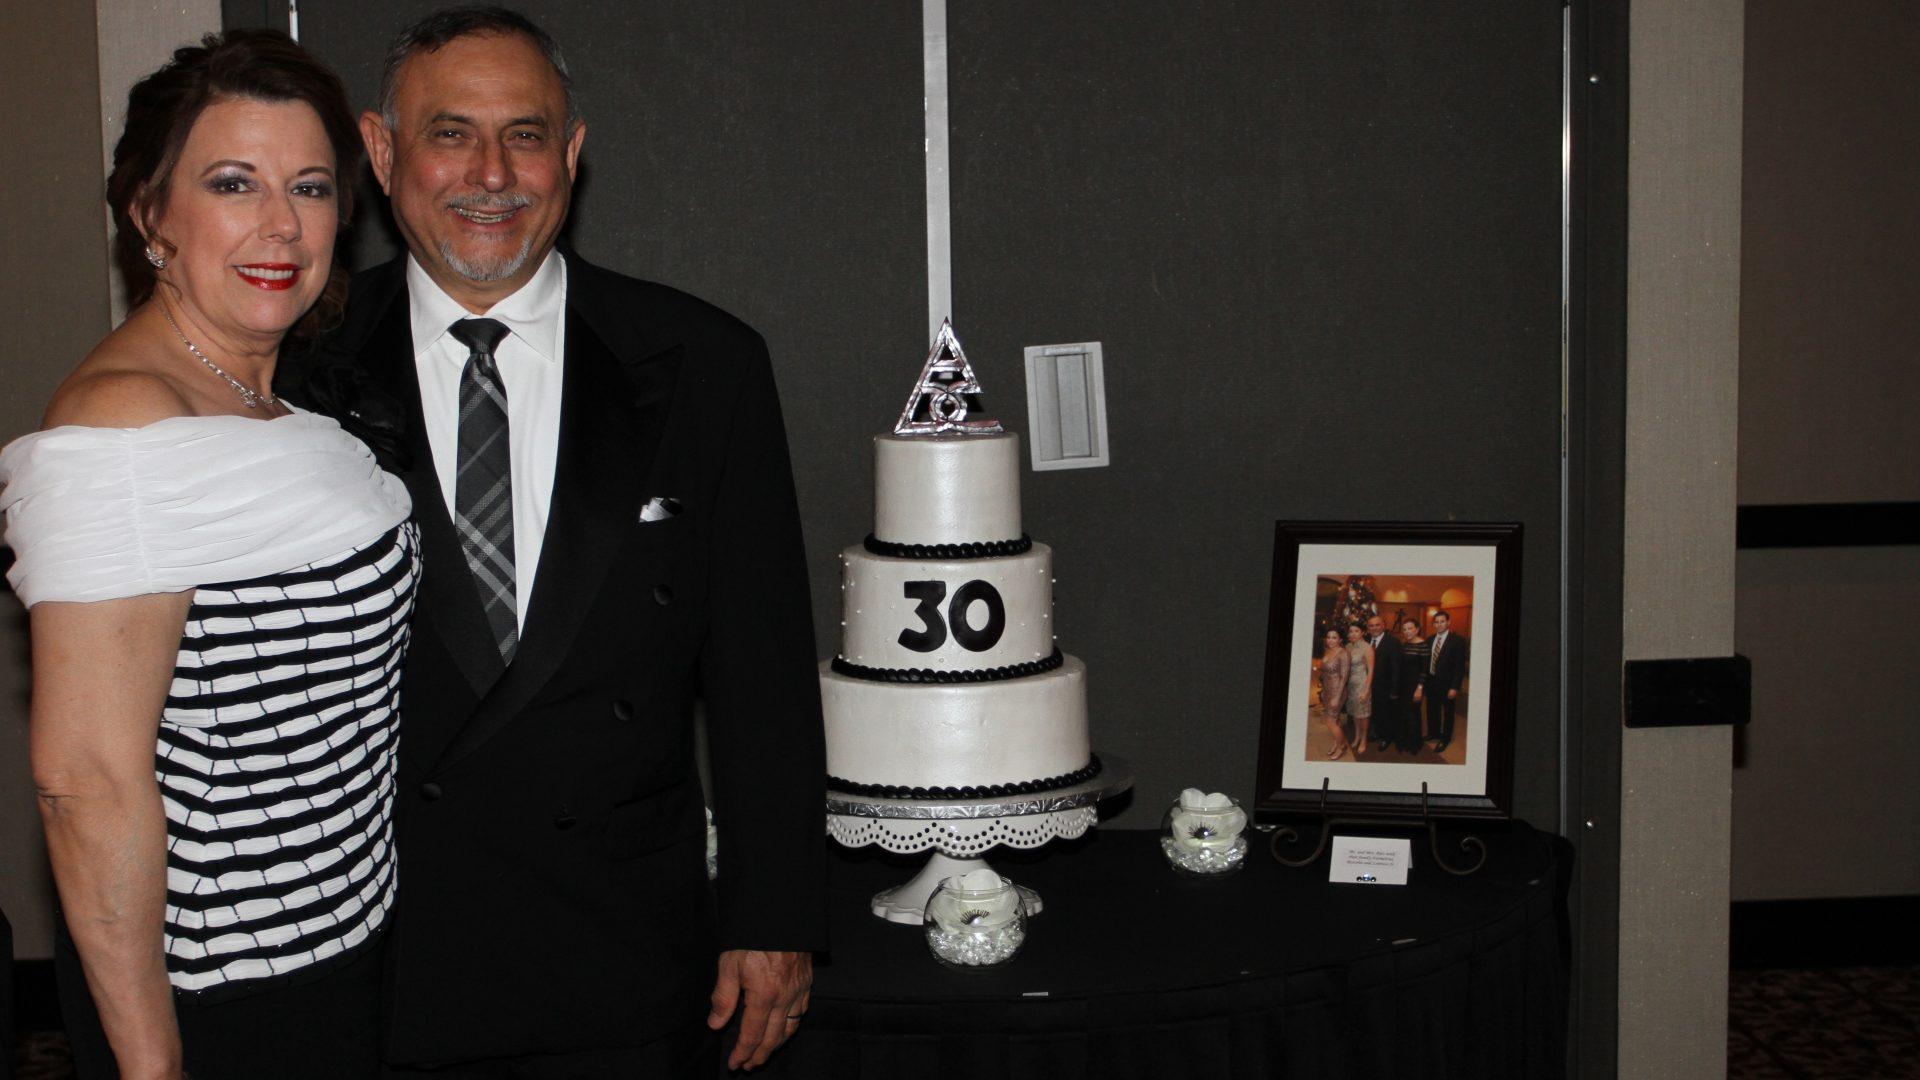 ADC's 30 Year Anniversary